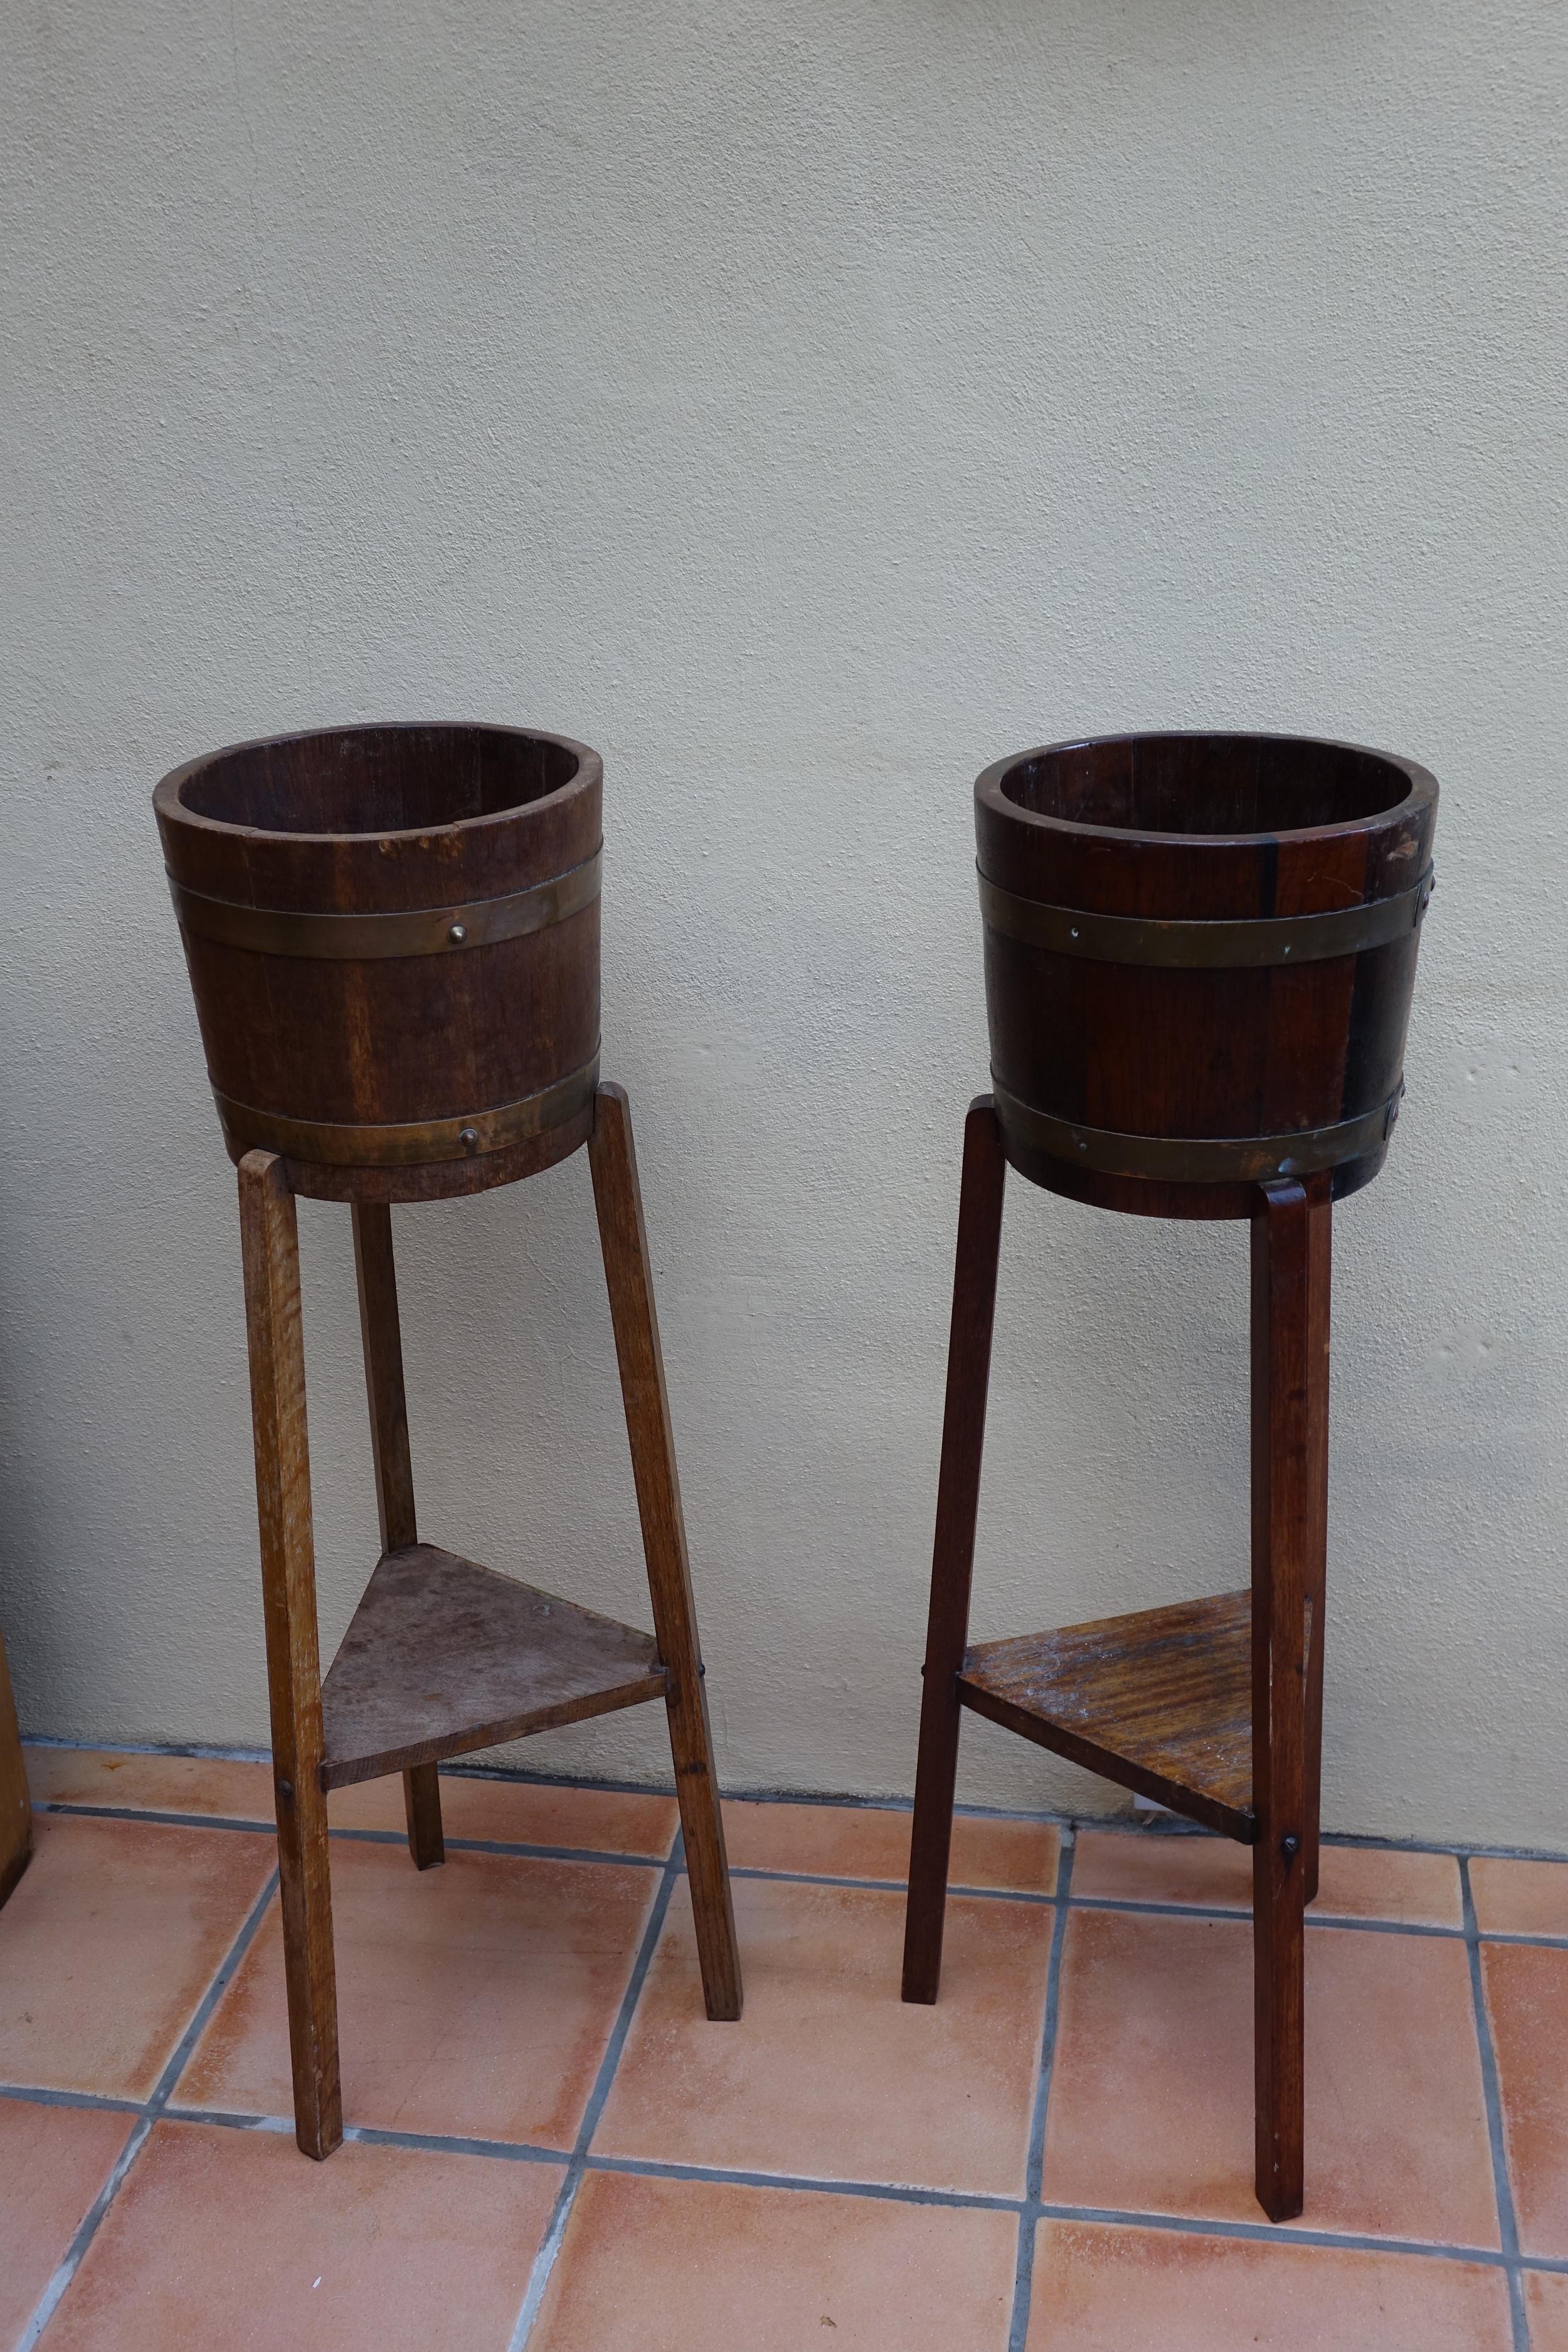 Pair bucket display - £8 each